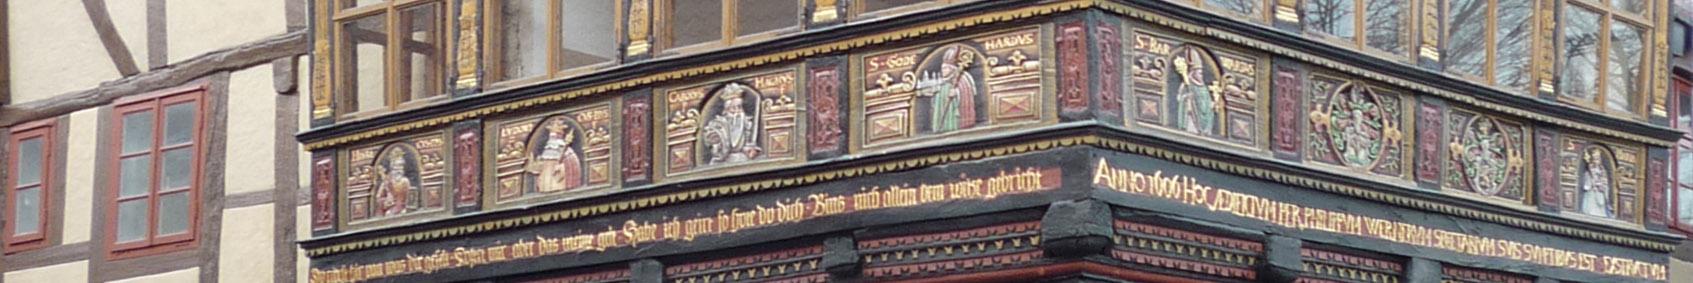 Hildesheim banner Wernersches Haus detail.jpg